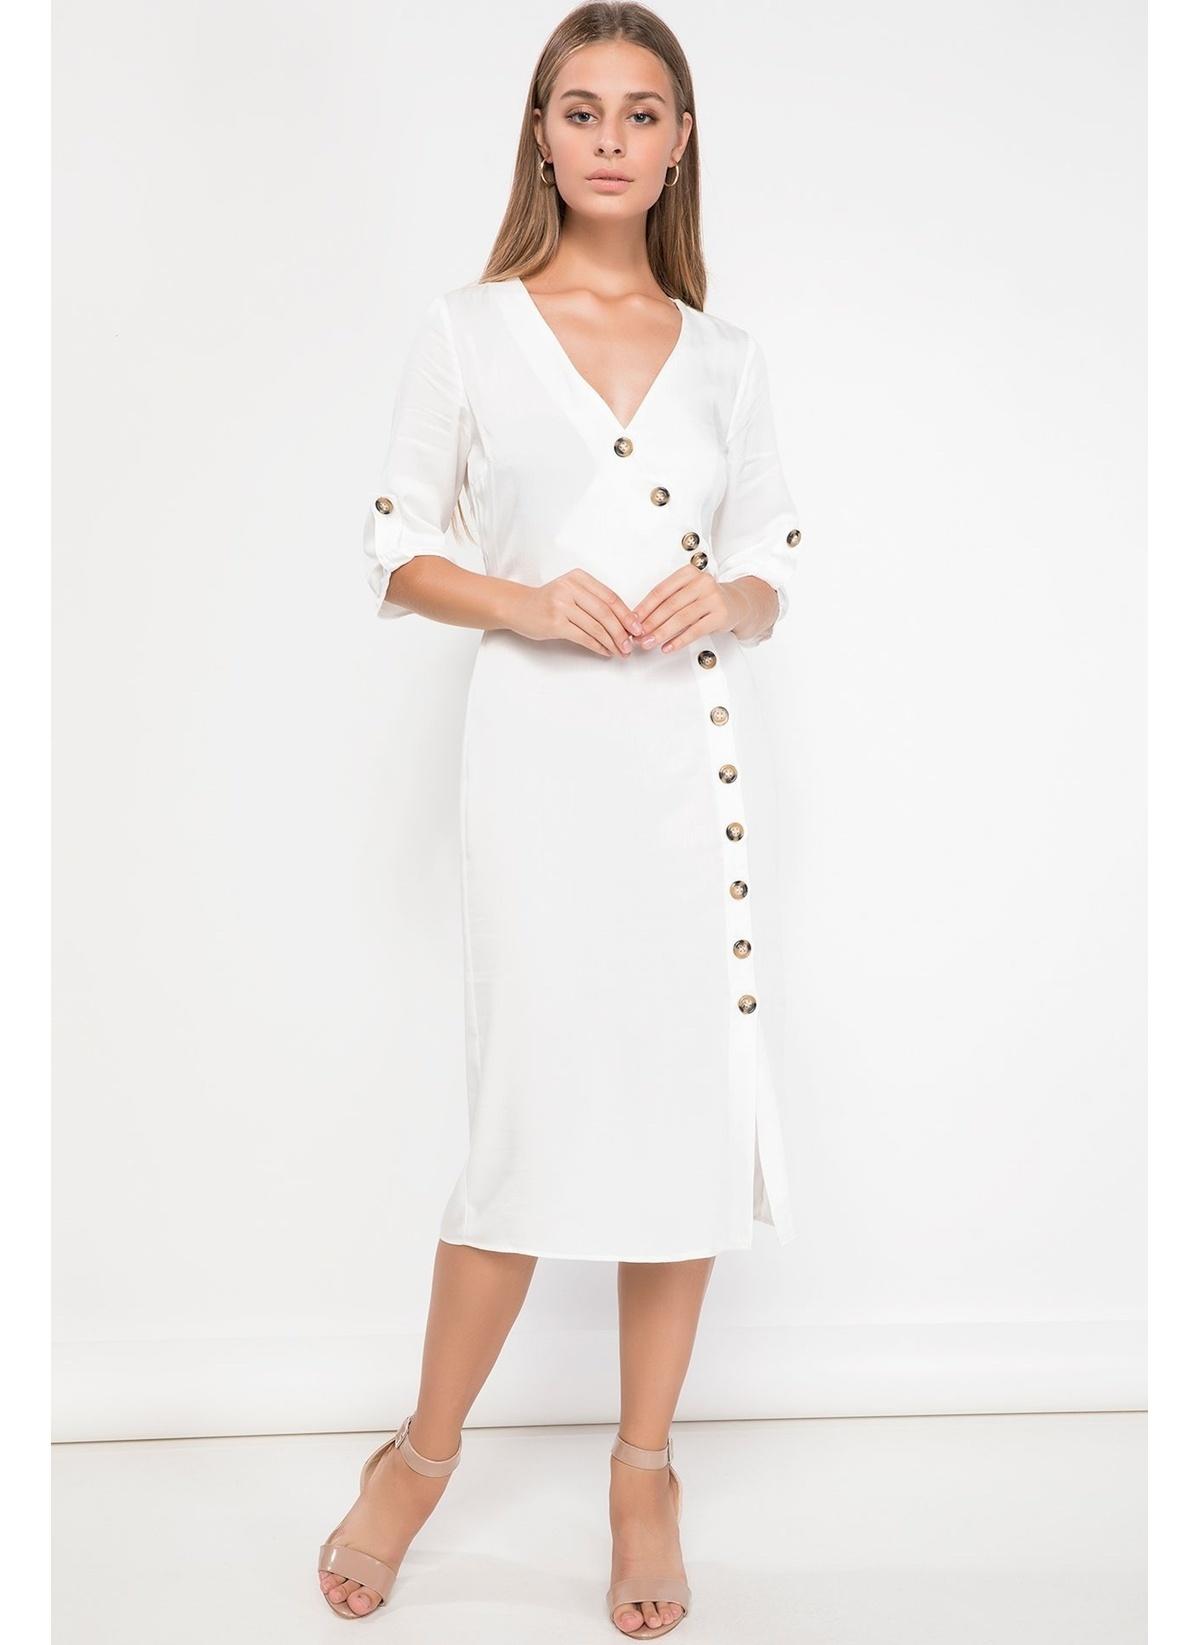 Defacto Düğme Detaylı Elbise K1140az18auer178elbise – 99.99 TL